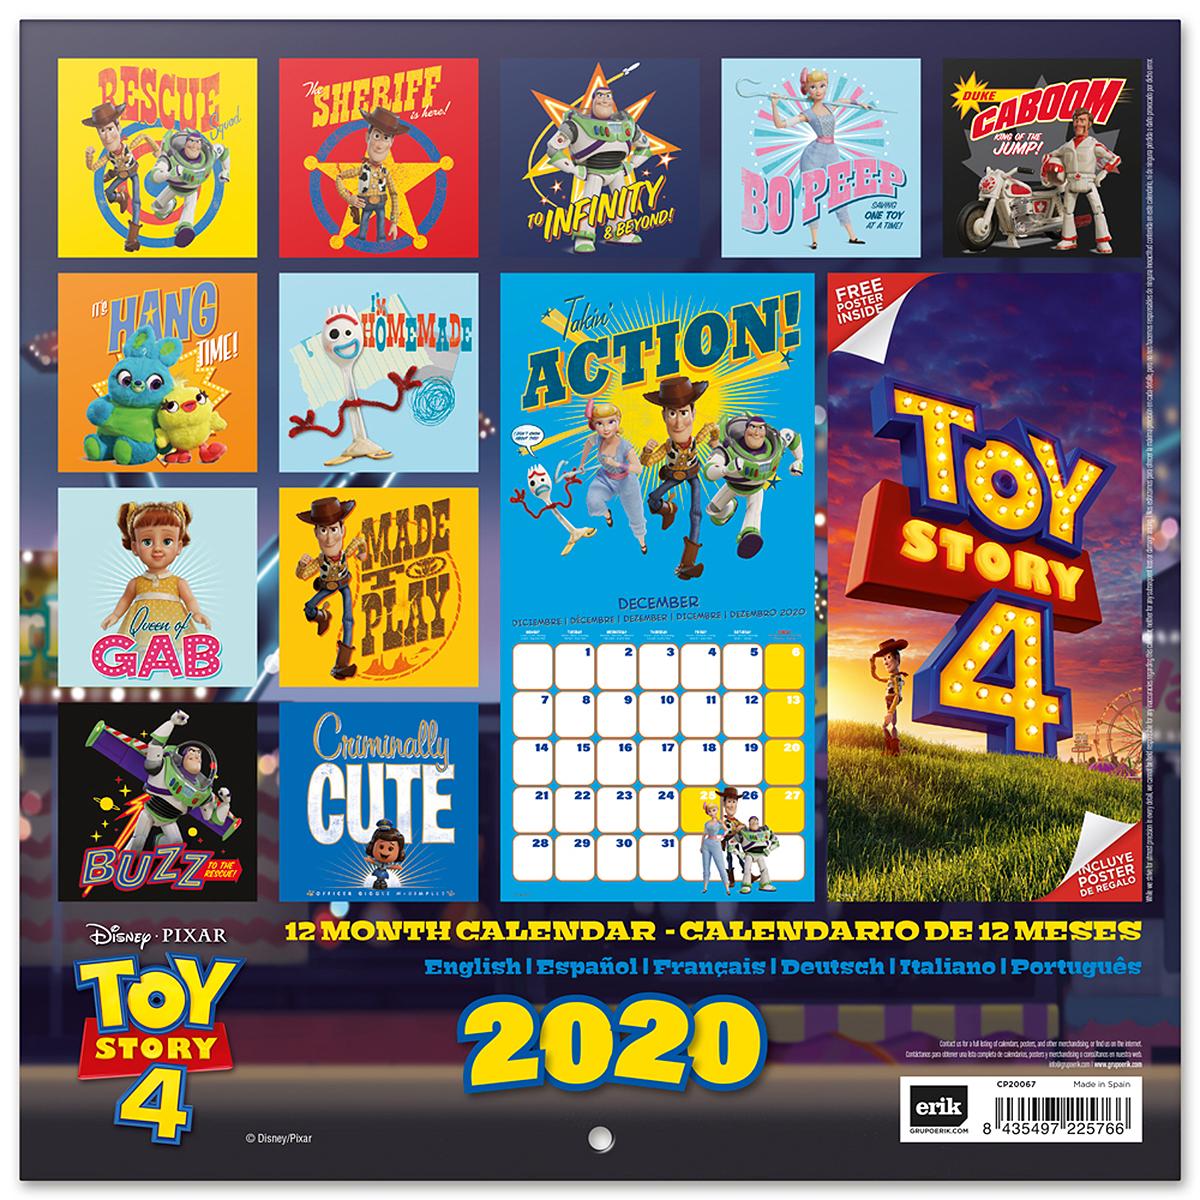 Poster Calendario 2020.Toy Story 4 Calendar 2020